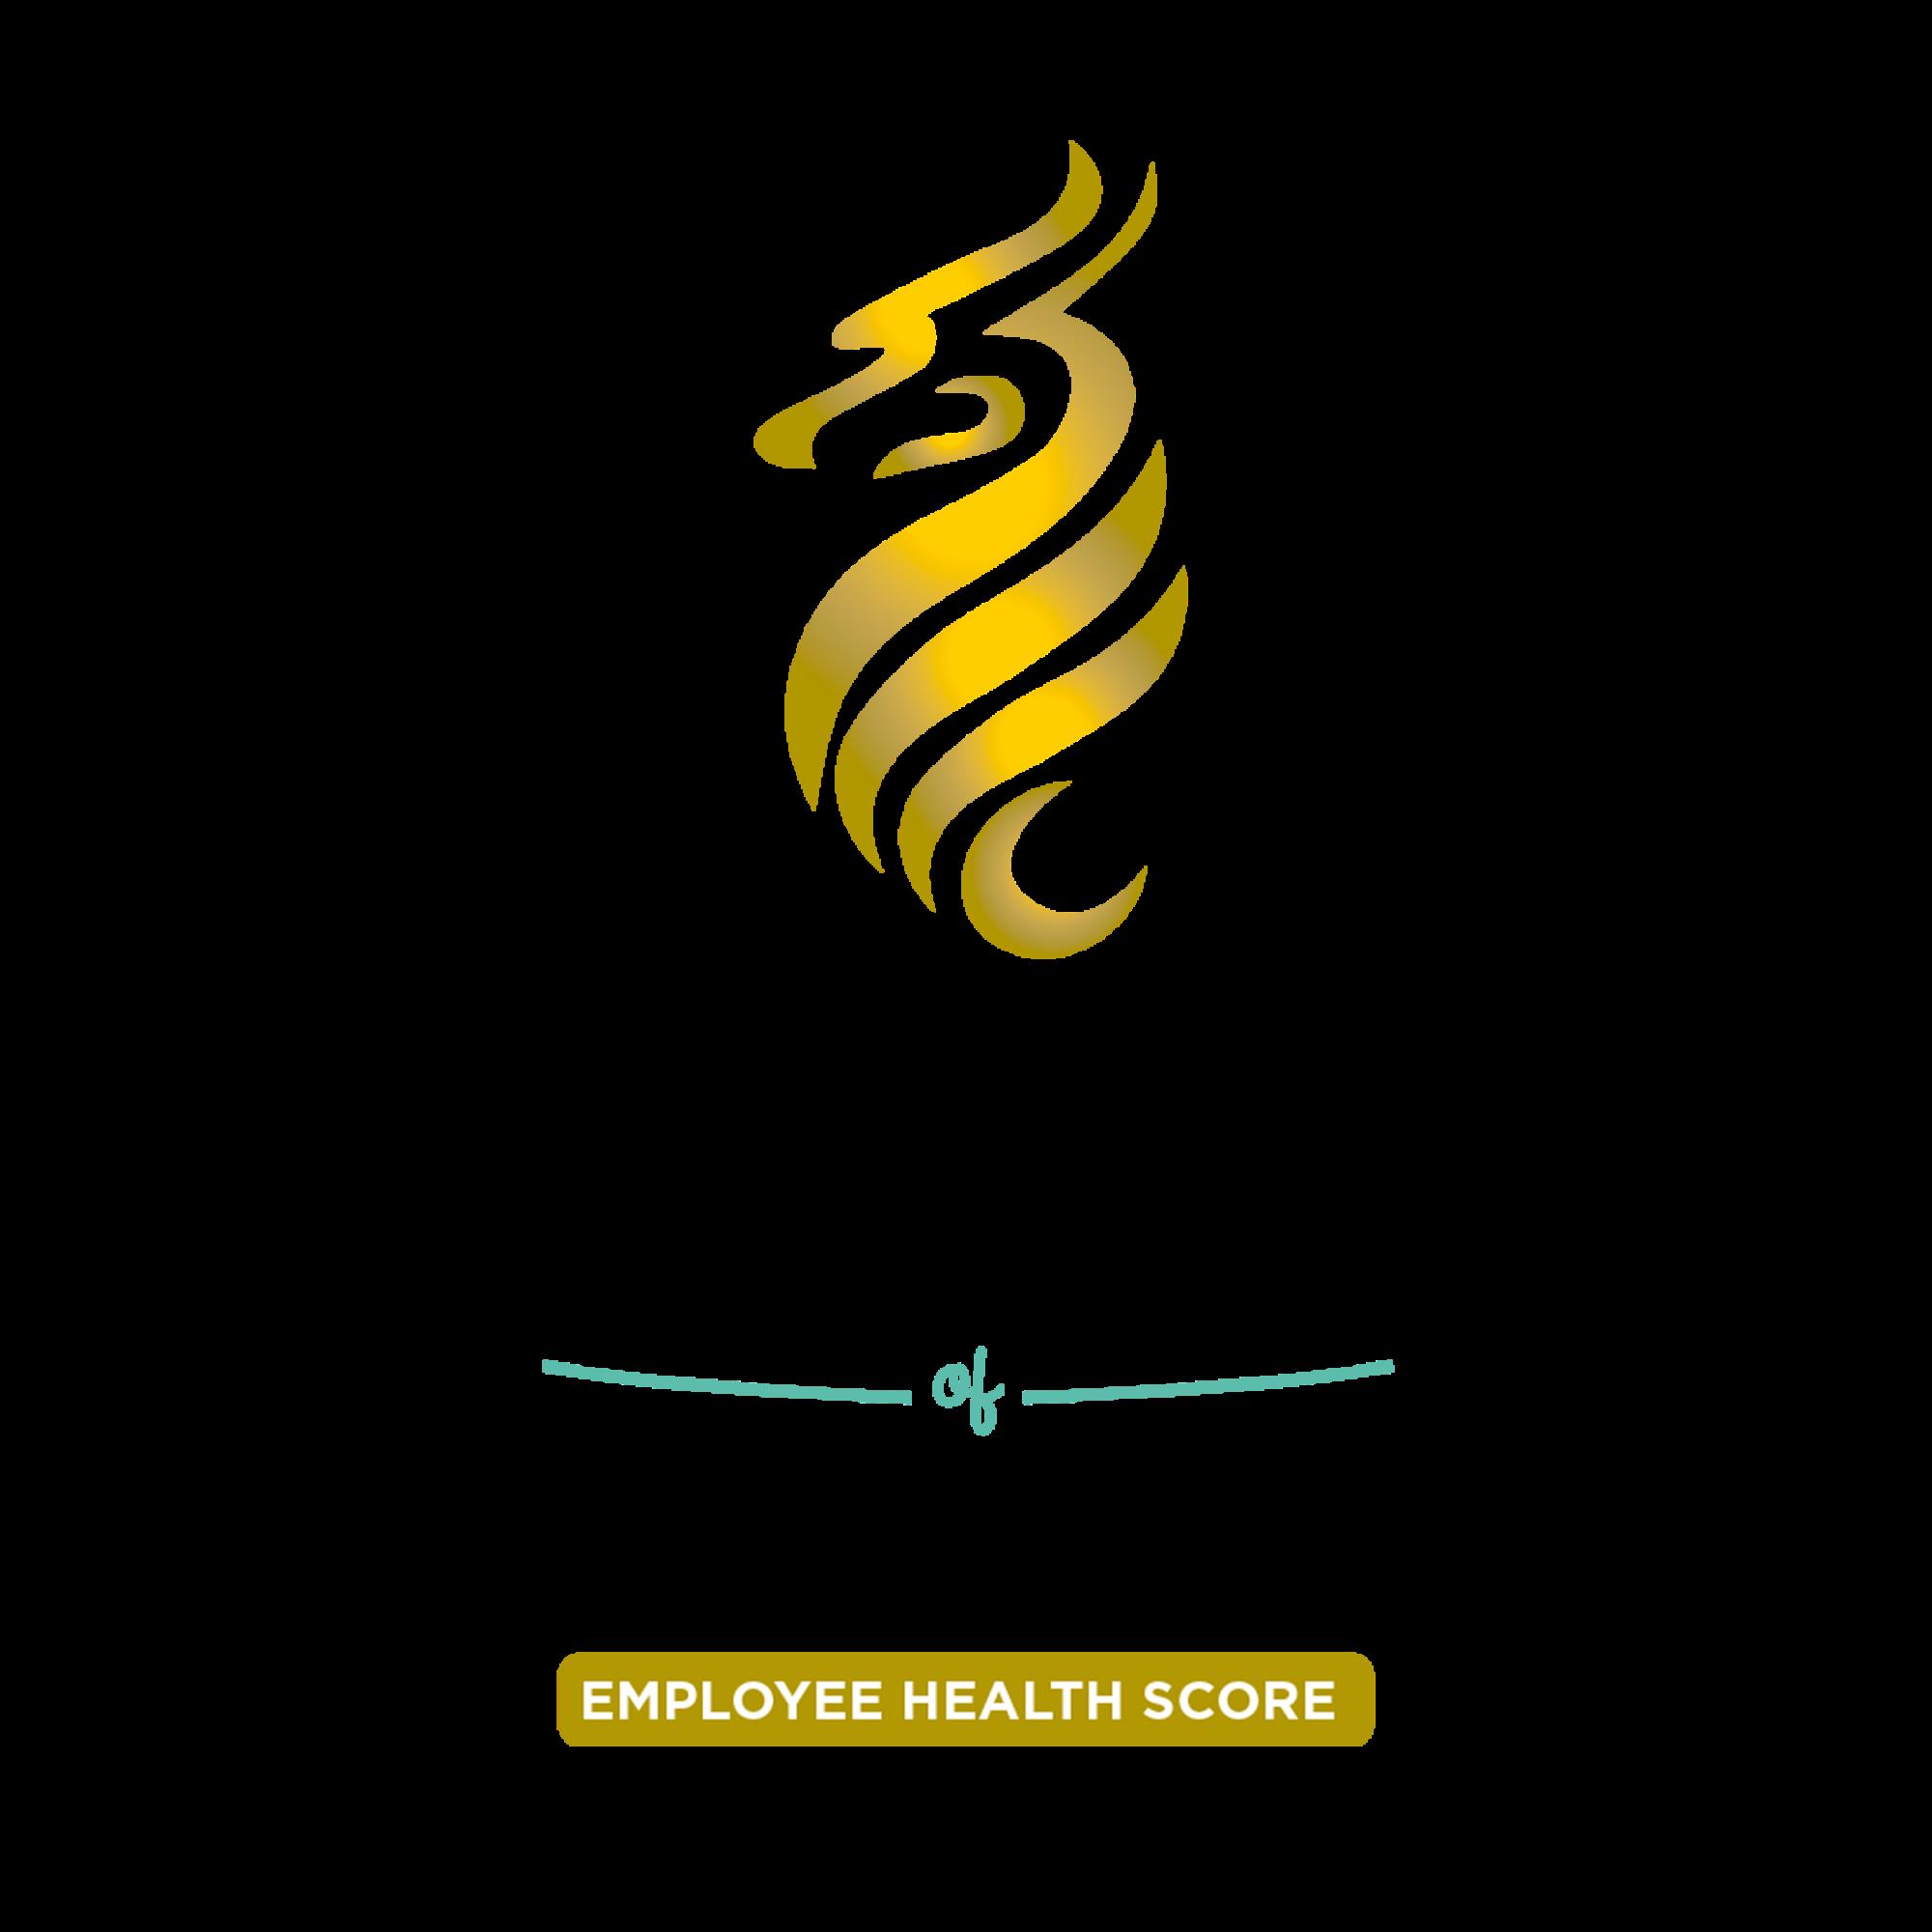 Awards of Happiness™ mide el Wellbeing y Wellness de los colaboradores a través de Inteligencia Artificial.